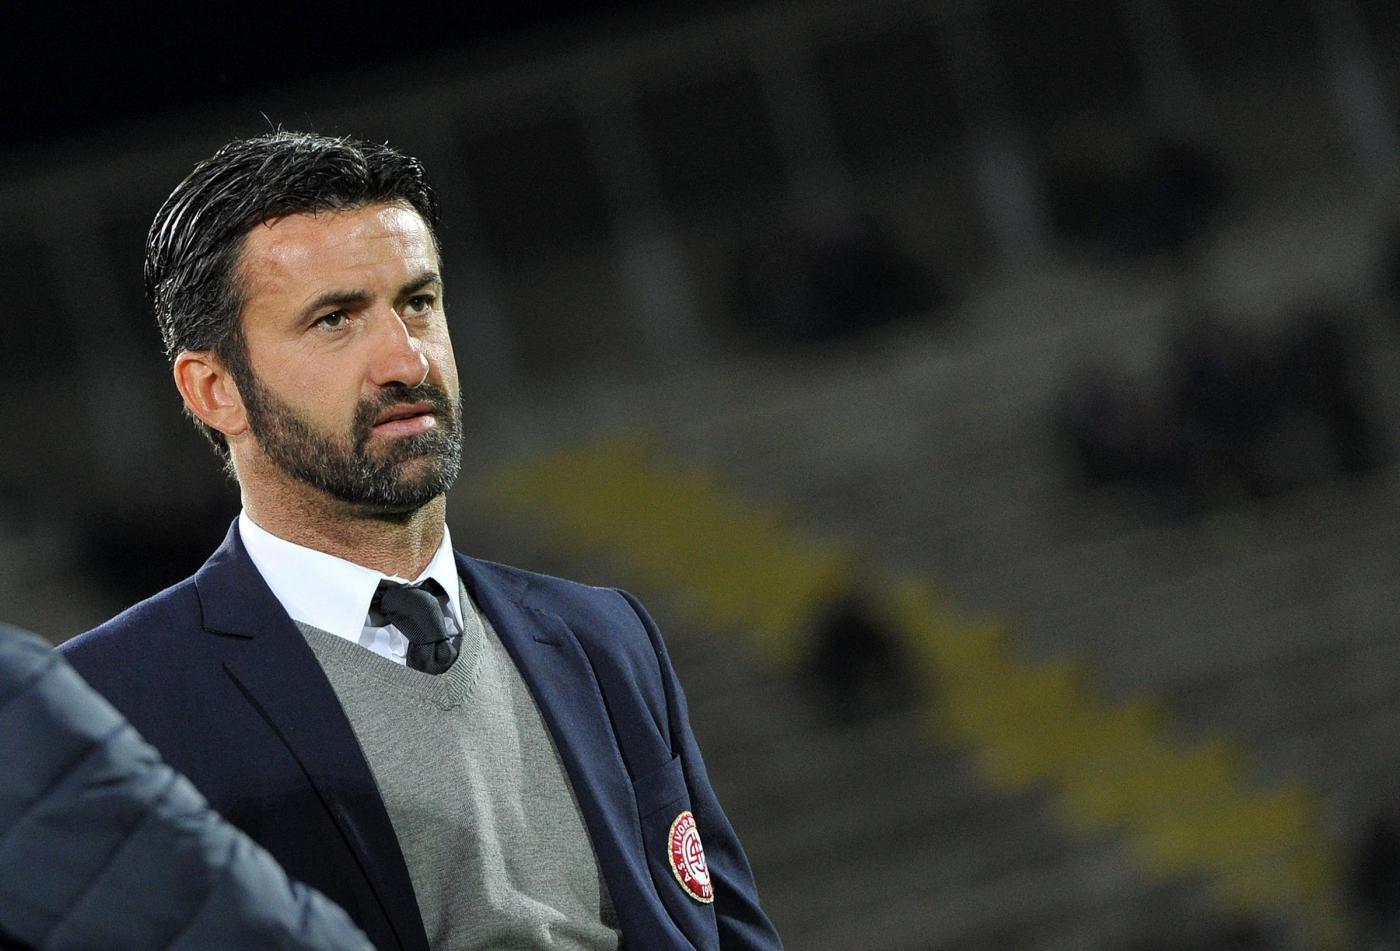 Christian Panucci Albania Uefa Nations League Albania-Kosovo Albania-Ucraina